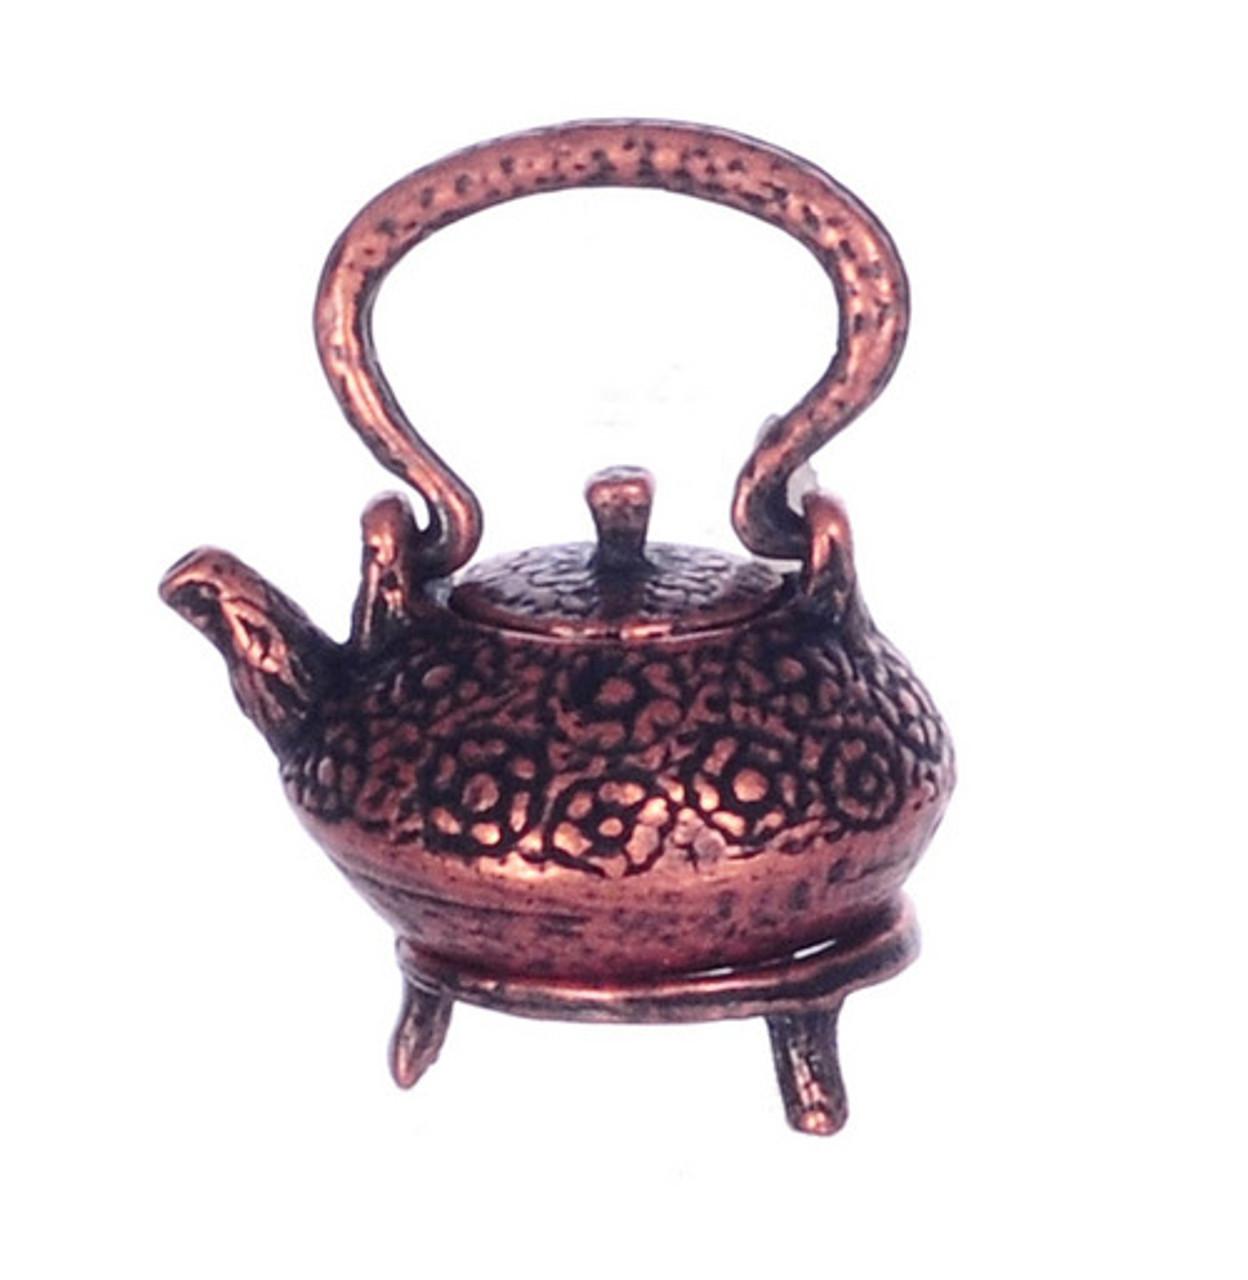 Tea pot - Antique Copper